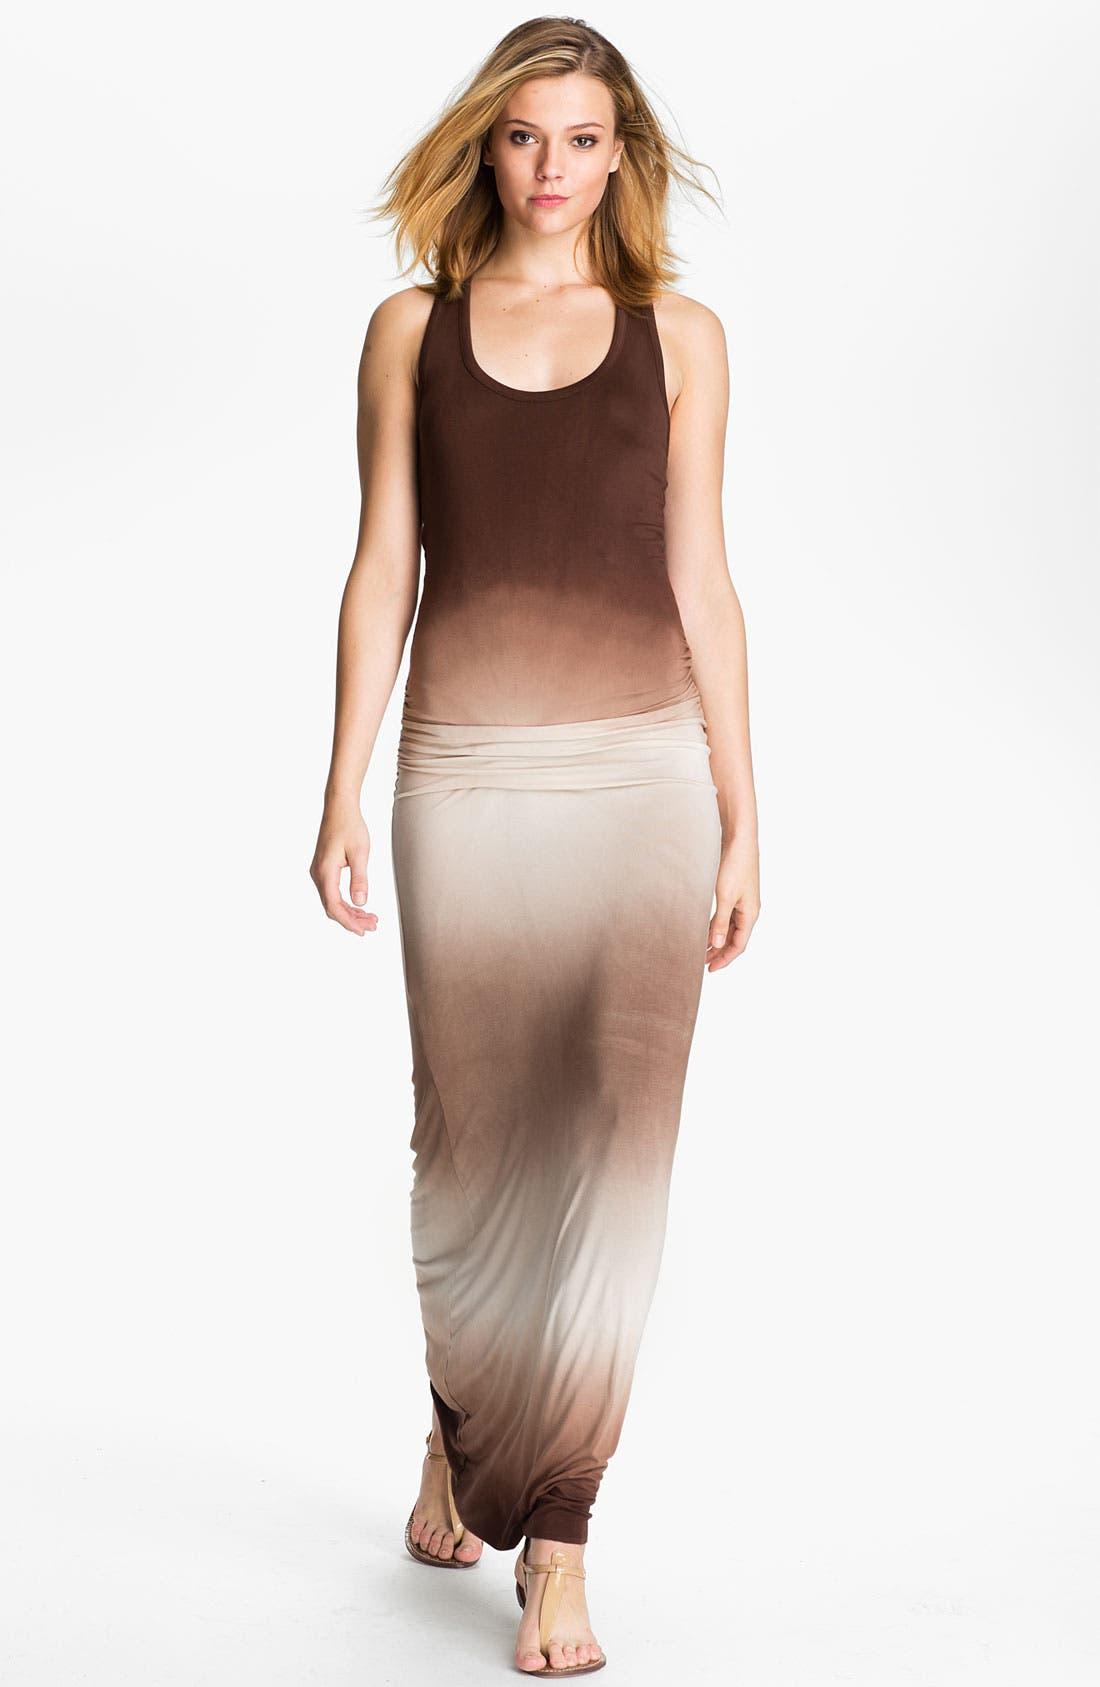 Alternate Image 1 Selected - Young, Fabulous & Broke 'Hamptons' Ombré Maxi Dress